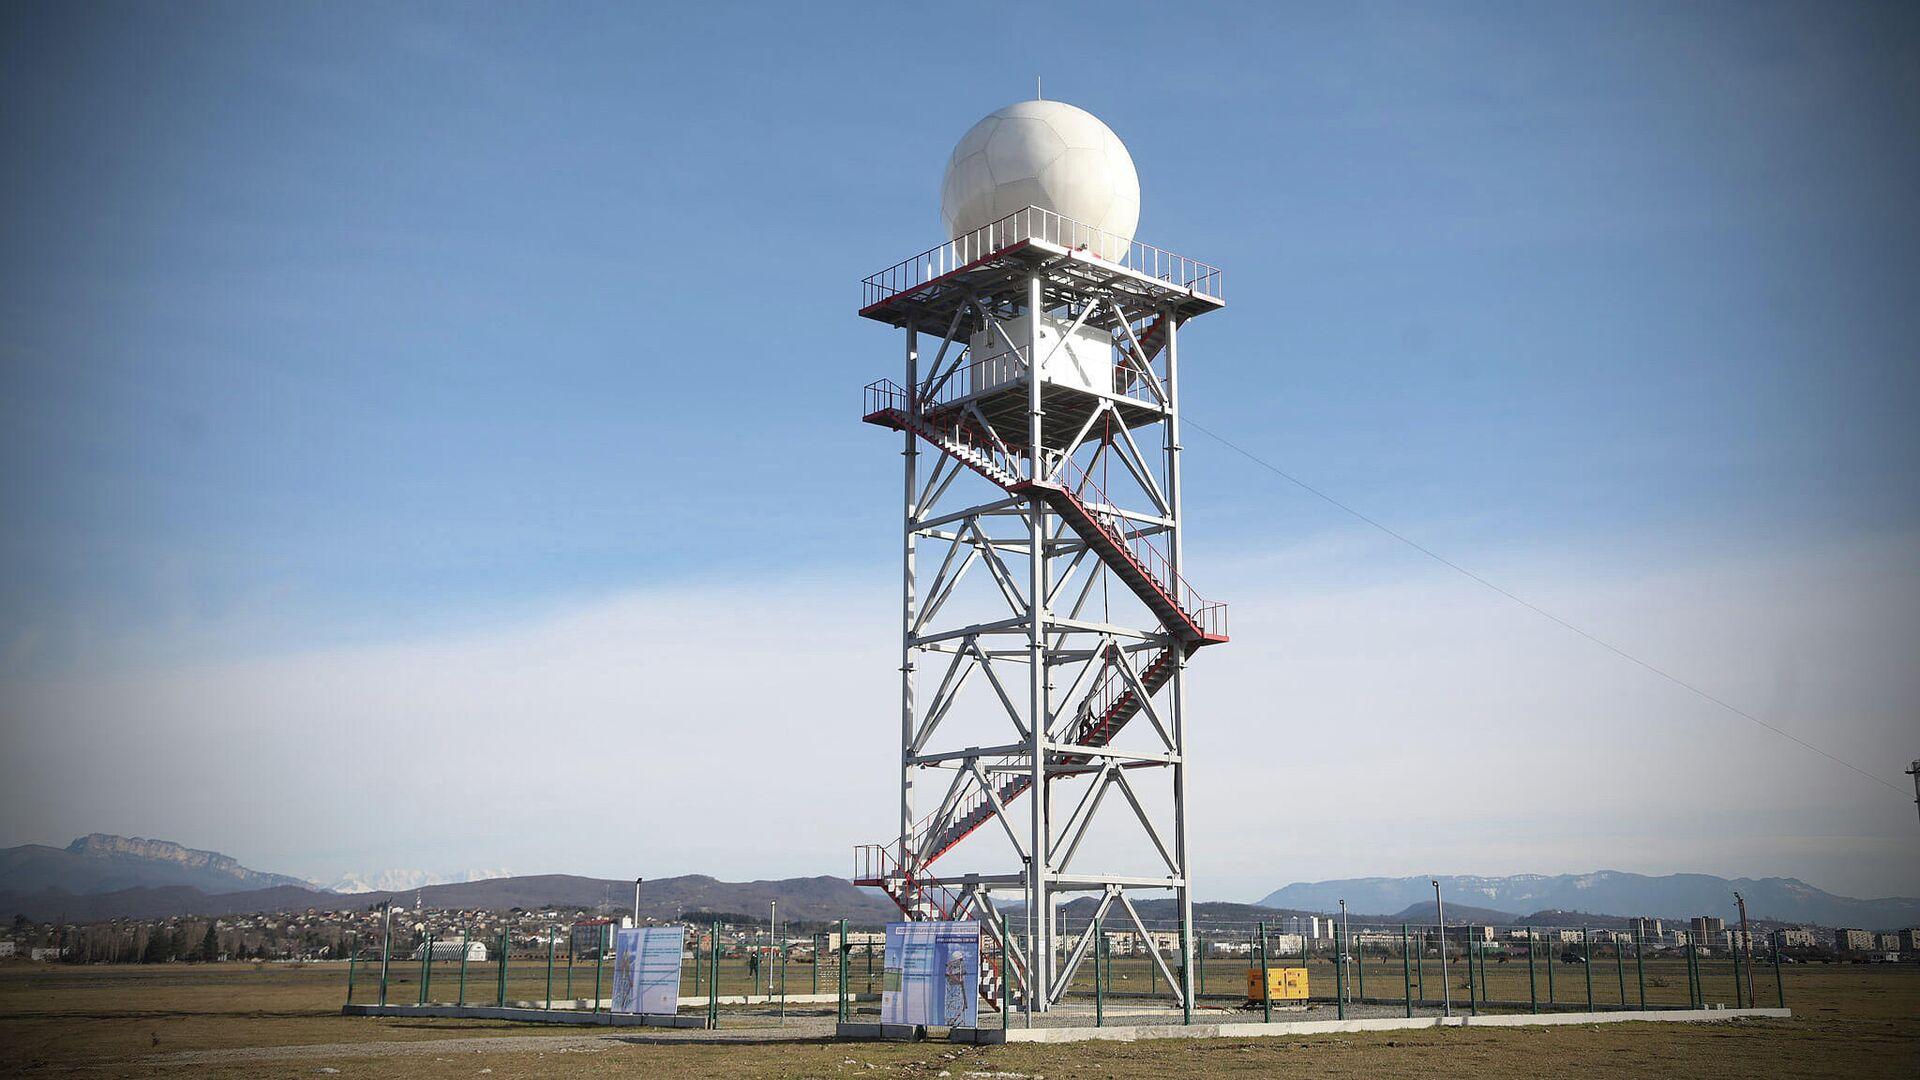 Новый метеорологический радар в Восточной Грузии - Sputnik Грузия, 1920, 13.09.2021